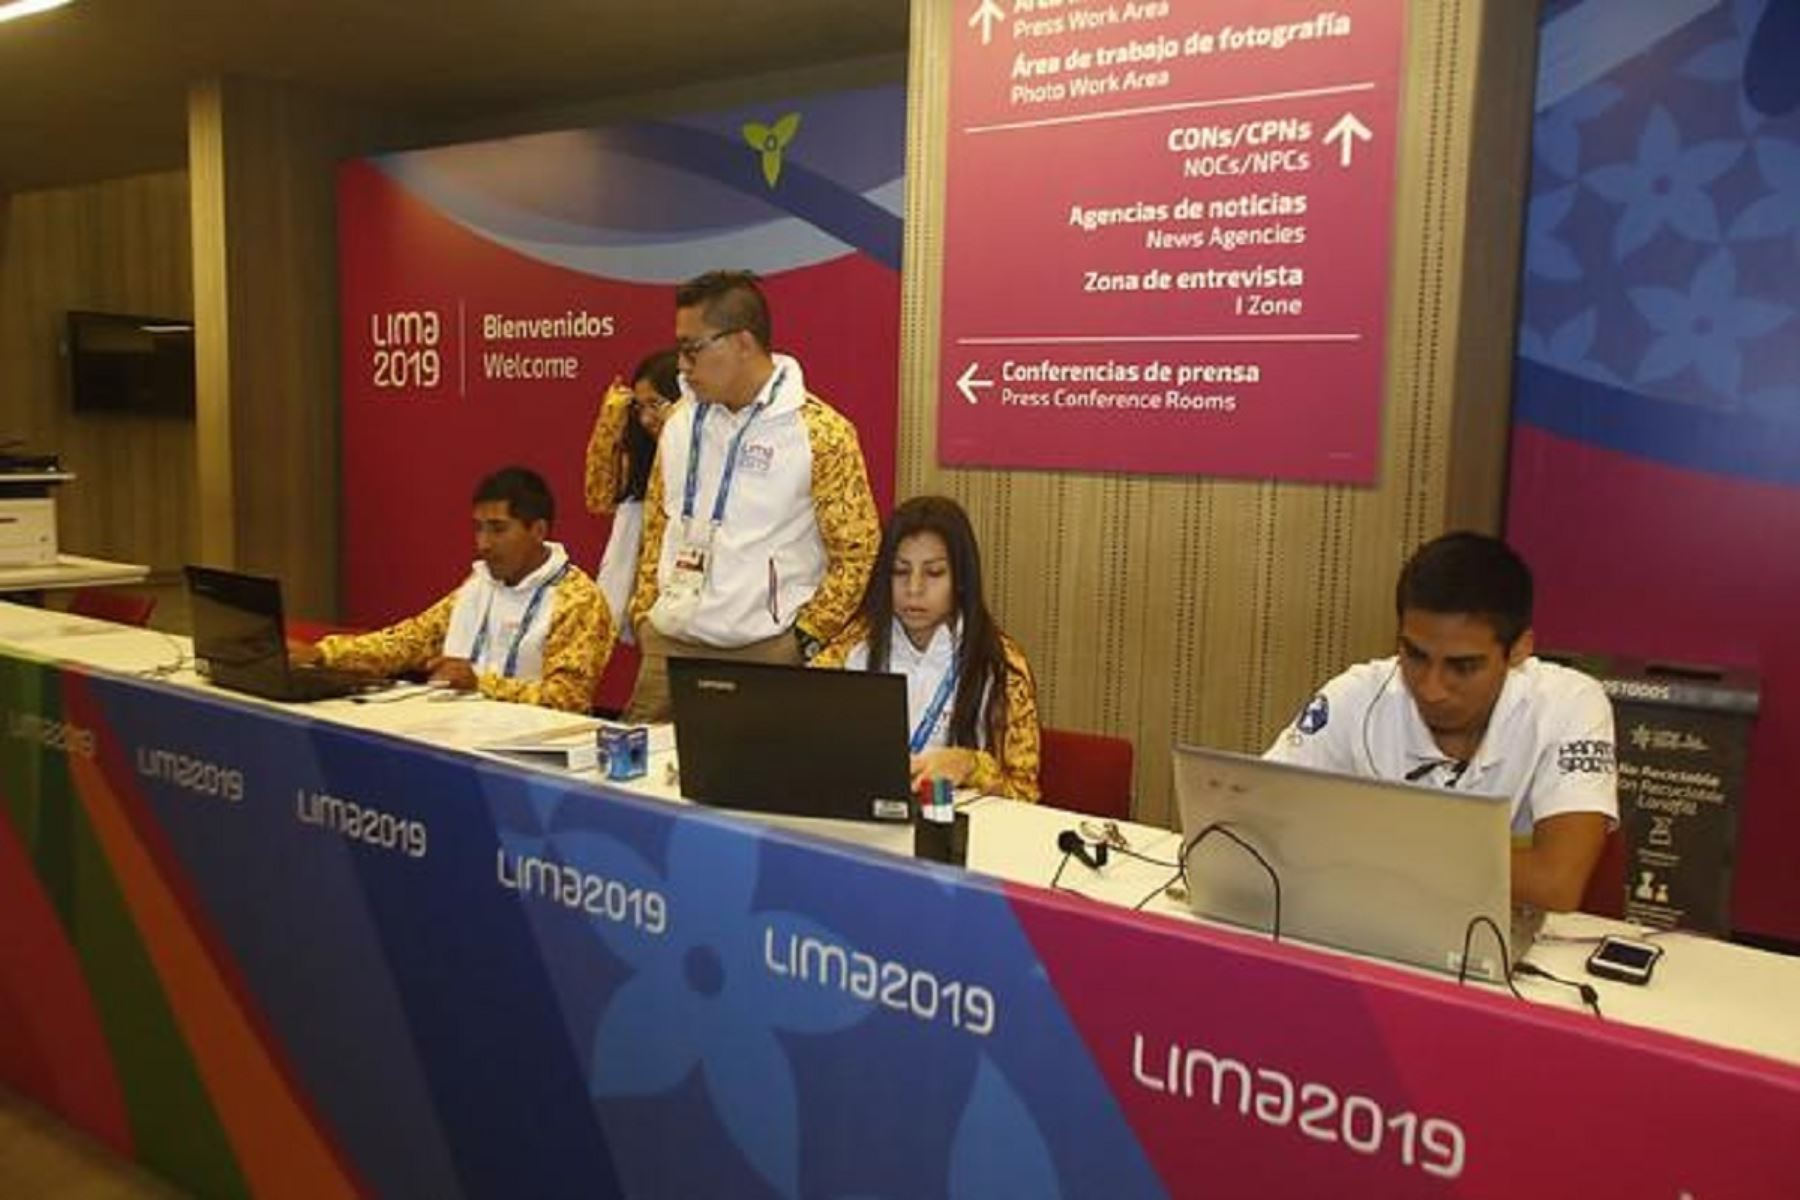 Más de 1500 periodistas cubrirán los Juegos Panamericanos 2019. Foto: ANDINA/Lima 219